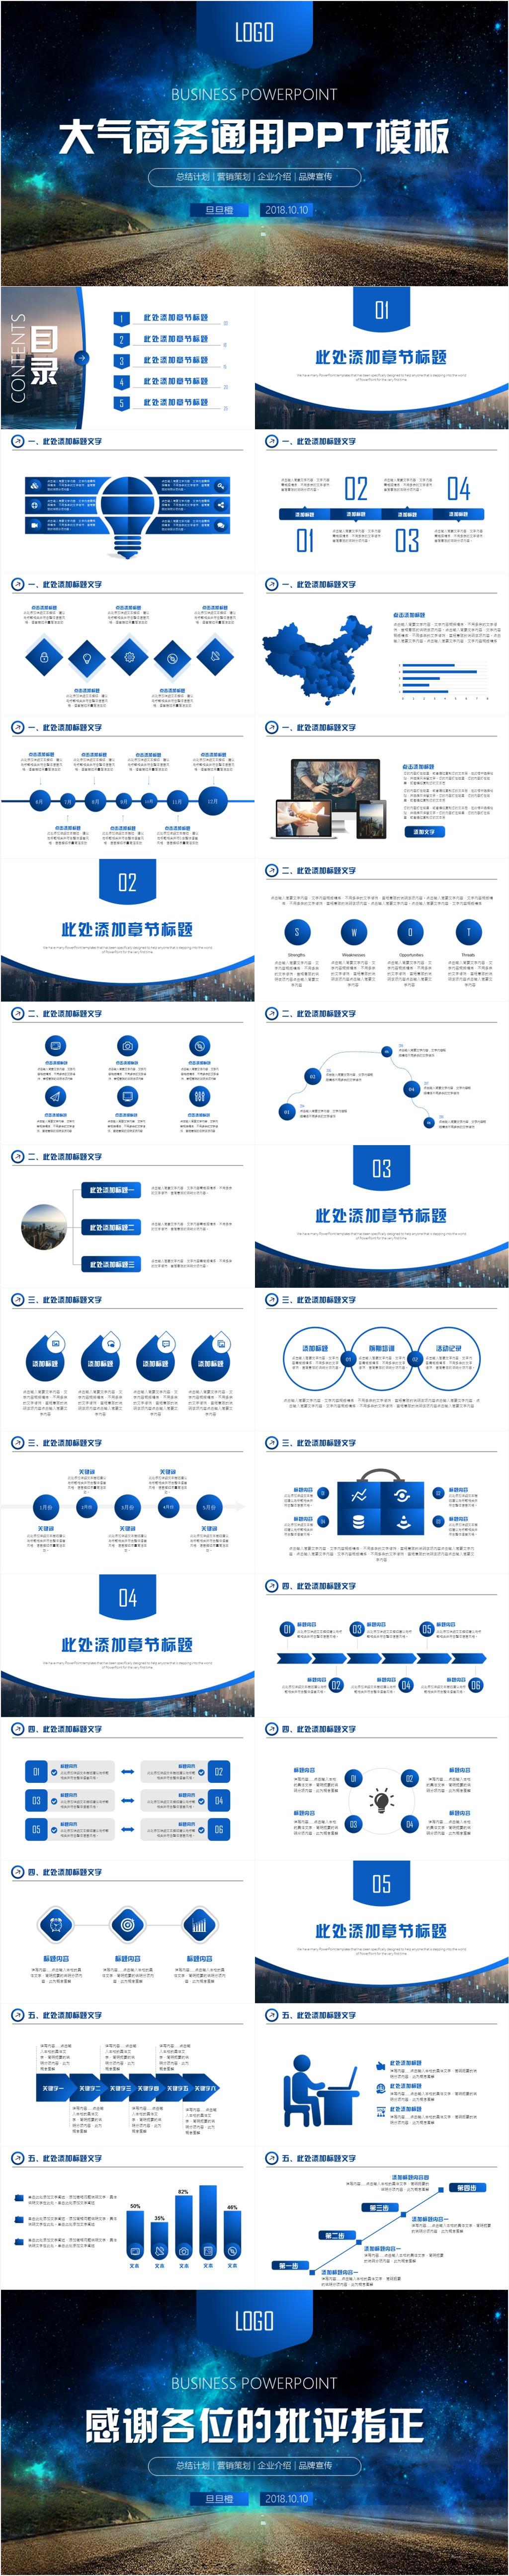 创意大气商业计划书创业融资招商引资品牌宣传ppt模板图片